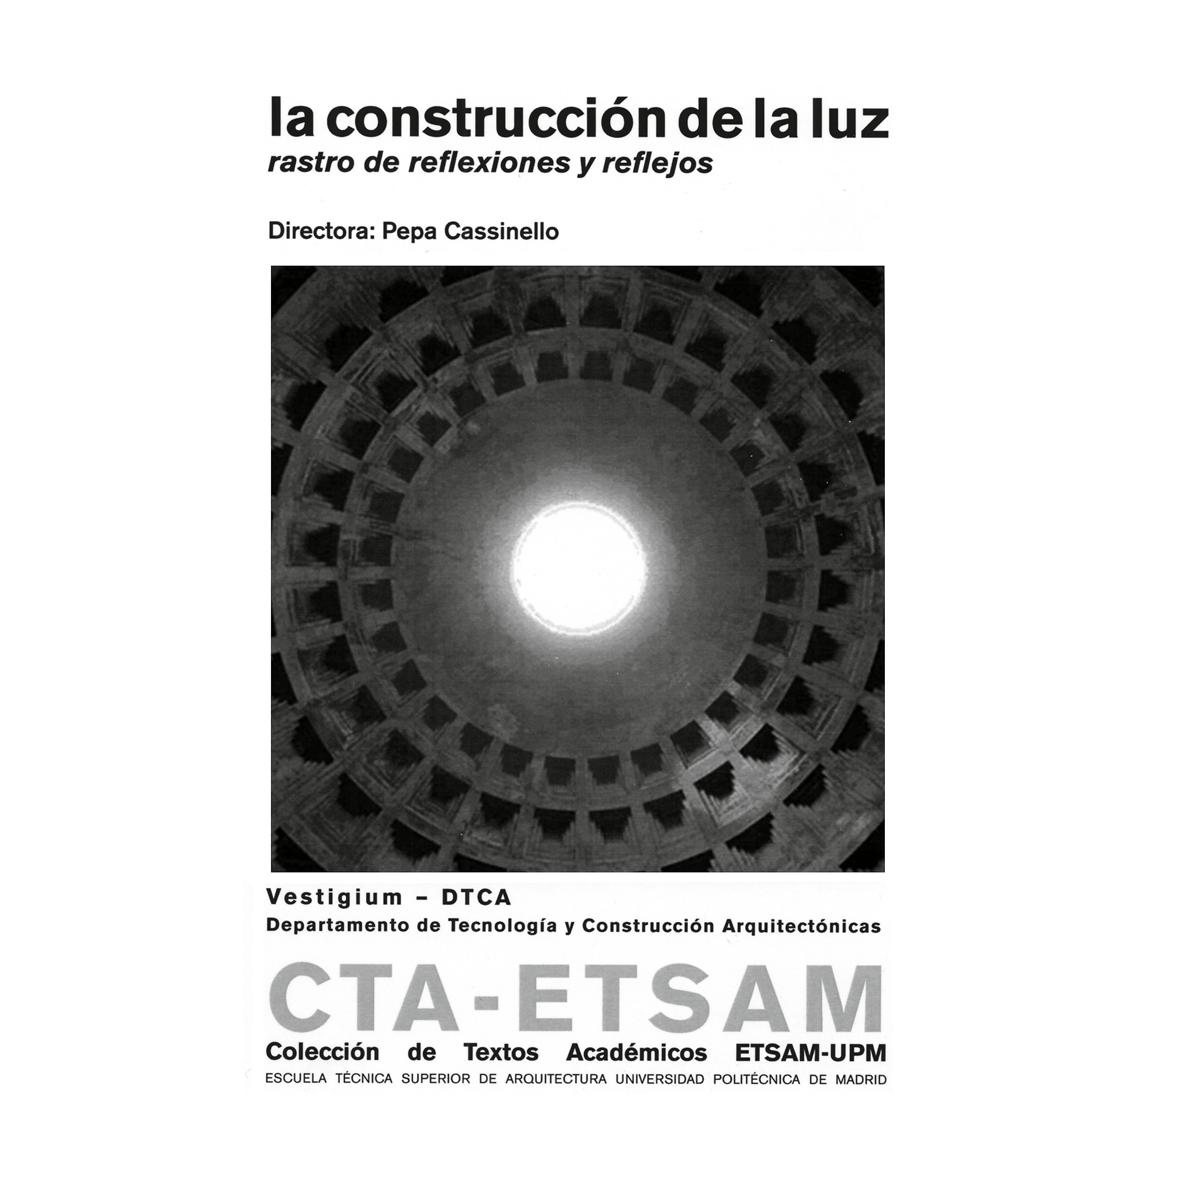 La construcción de la luz